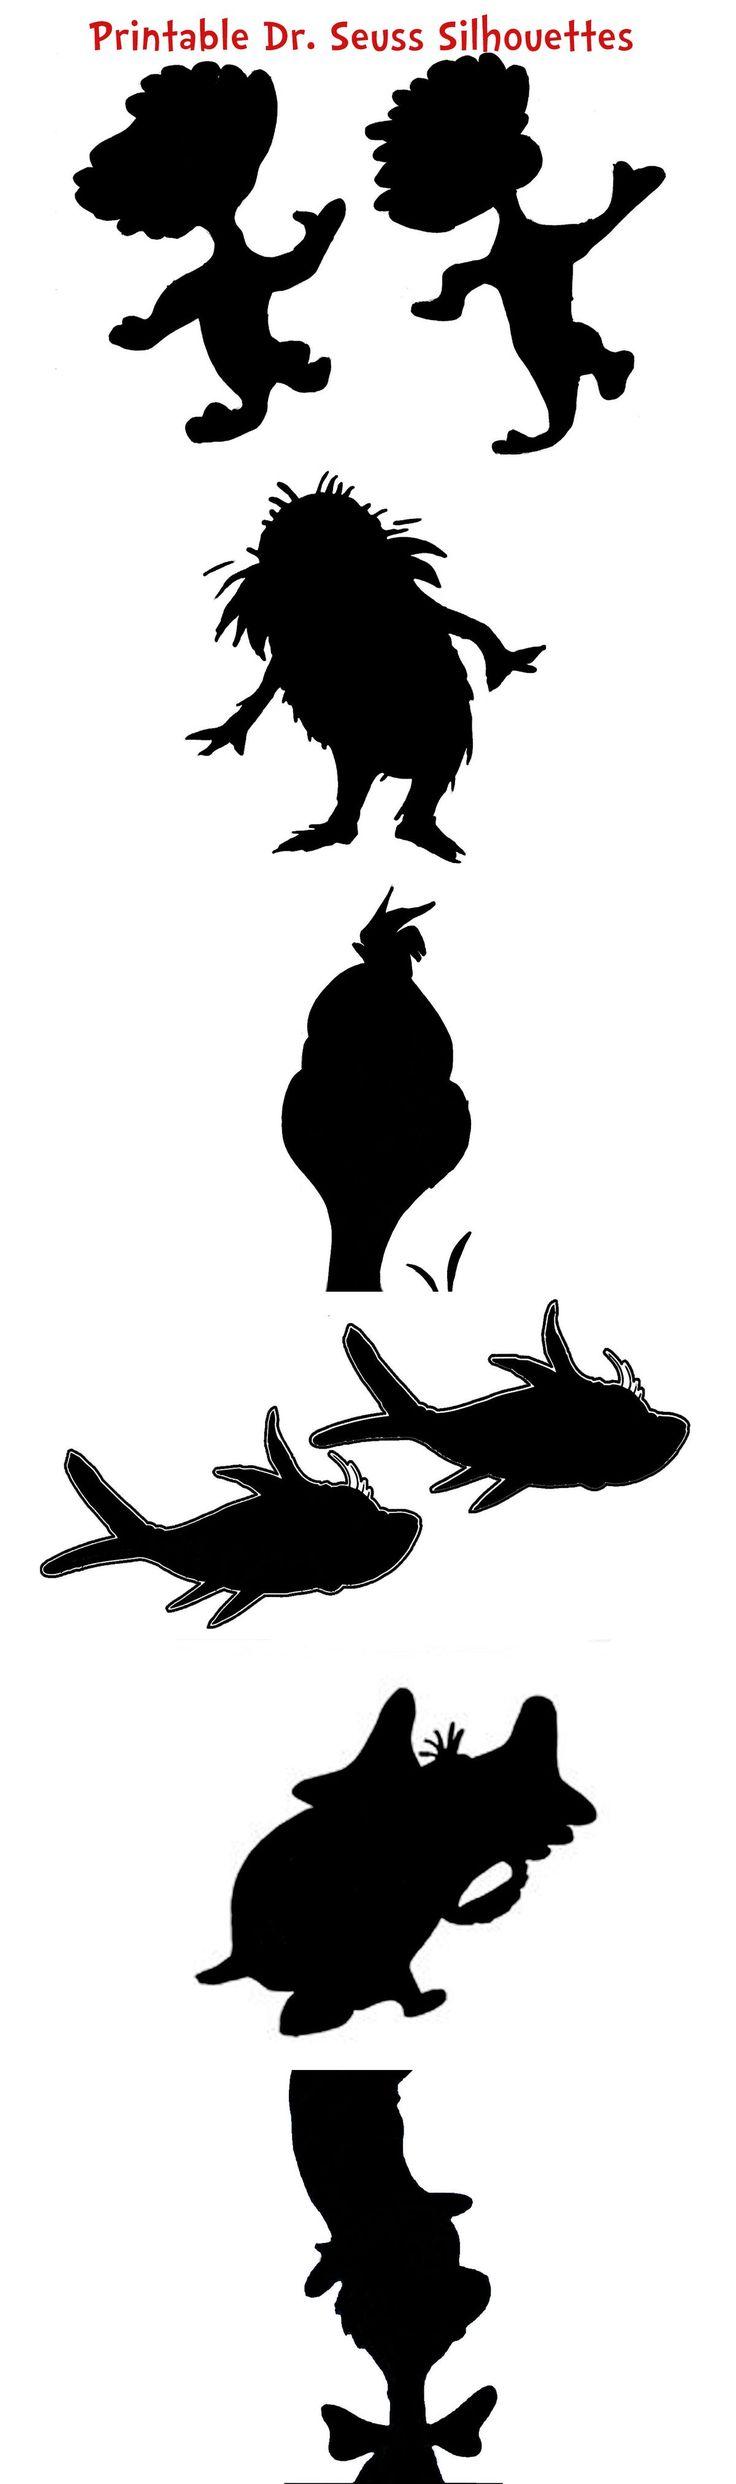 silhouettes dr seuss